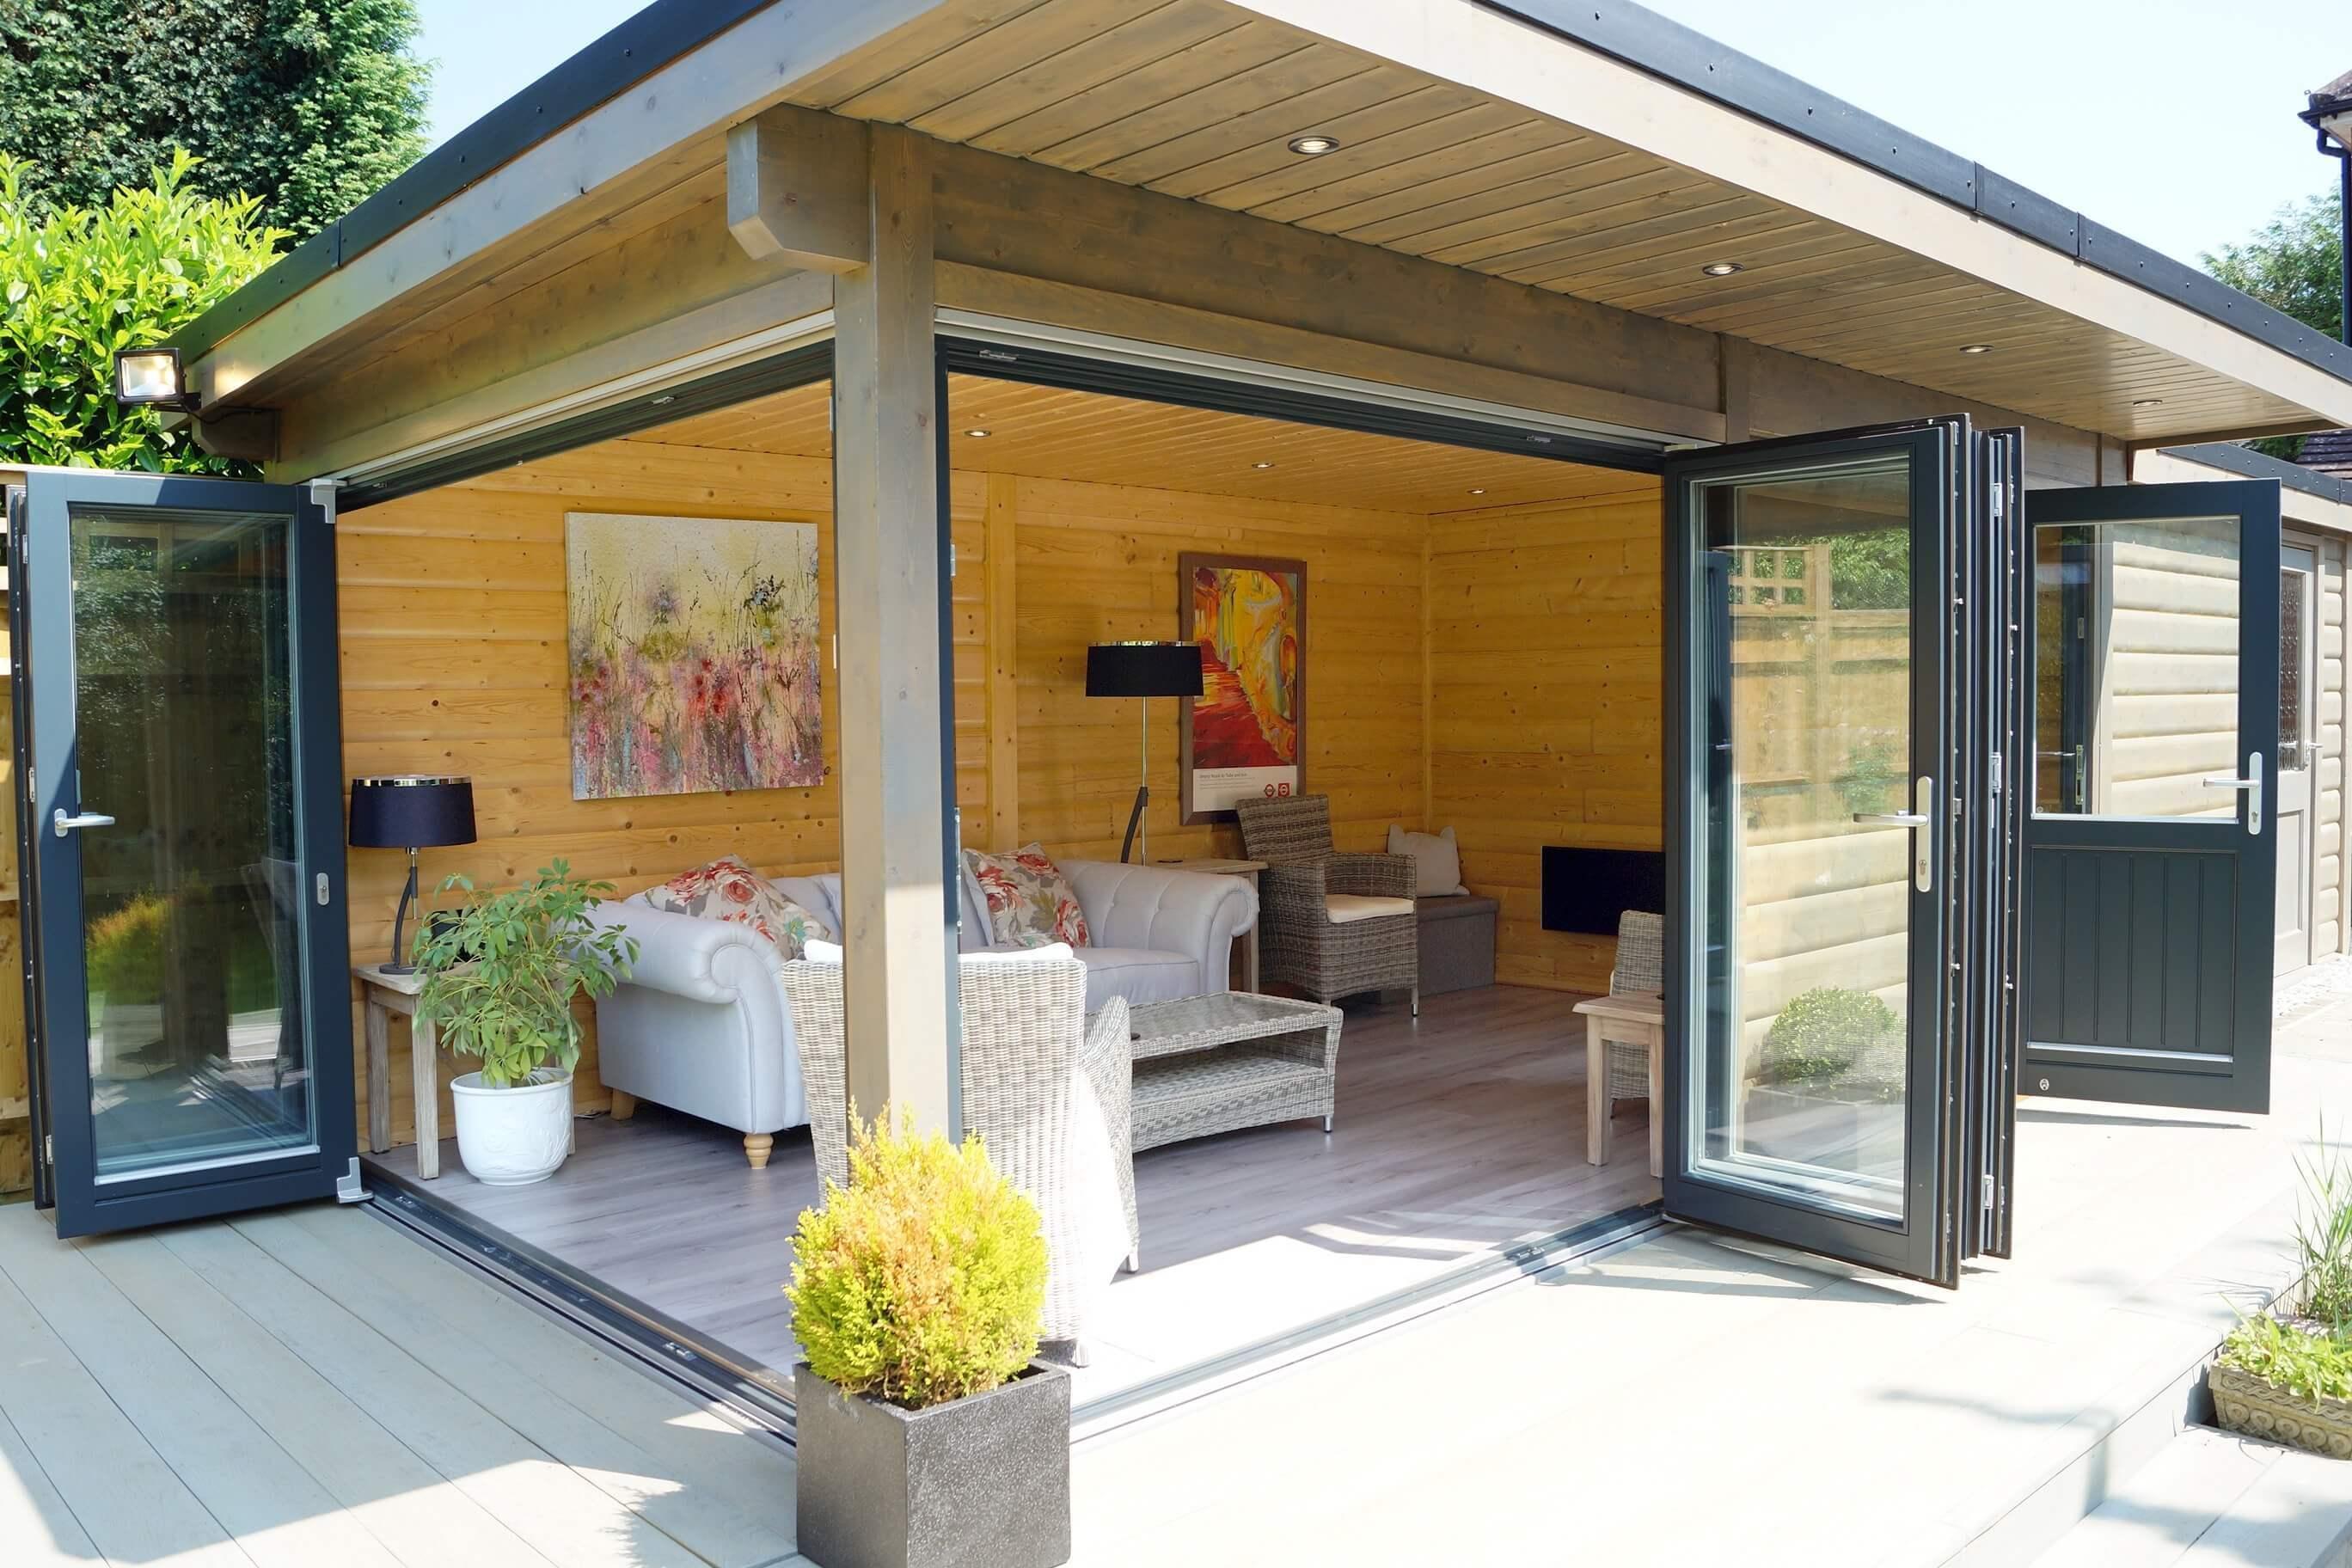 Garden rooms garden log buildings norwegian log for Garden rooms prices uk